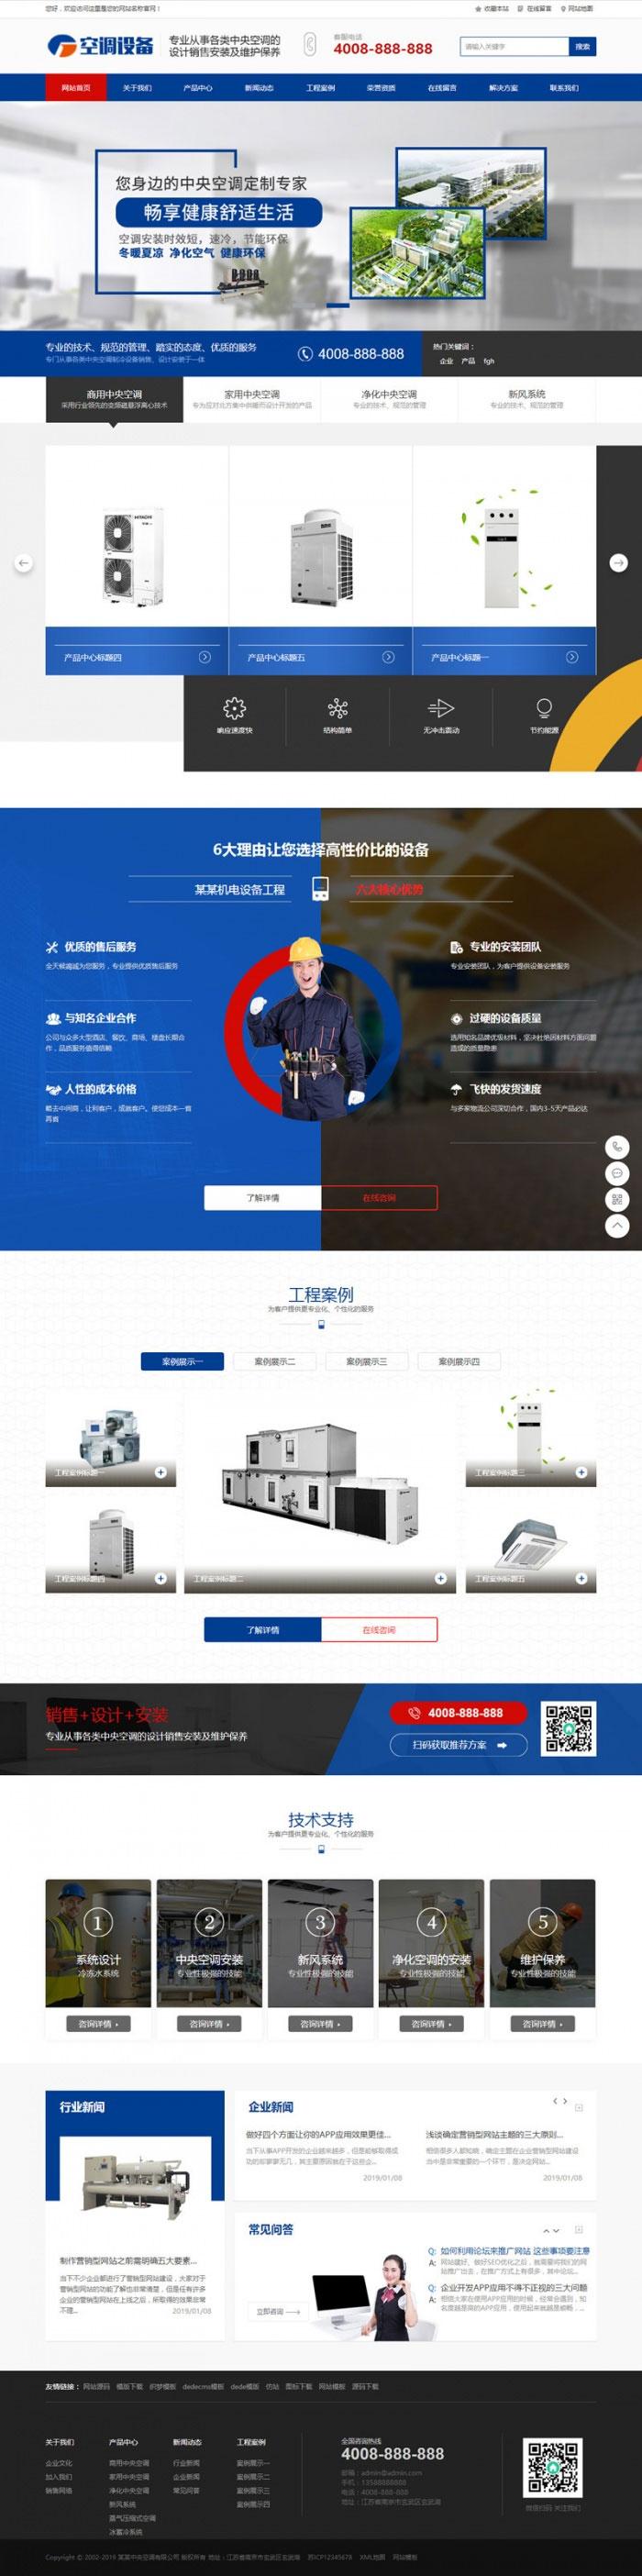 织梦dedecms蓝色营销型空调制冷设备公司网站模板(带手机移动端)